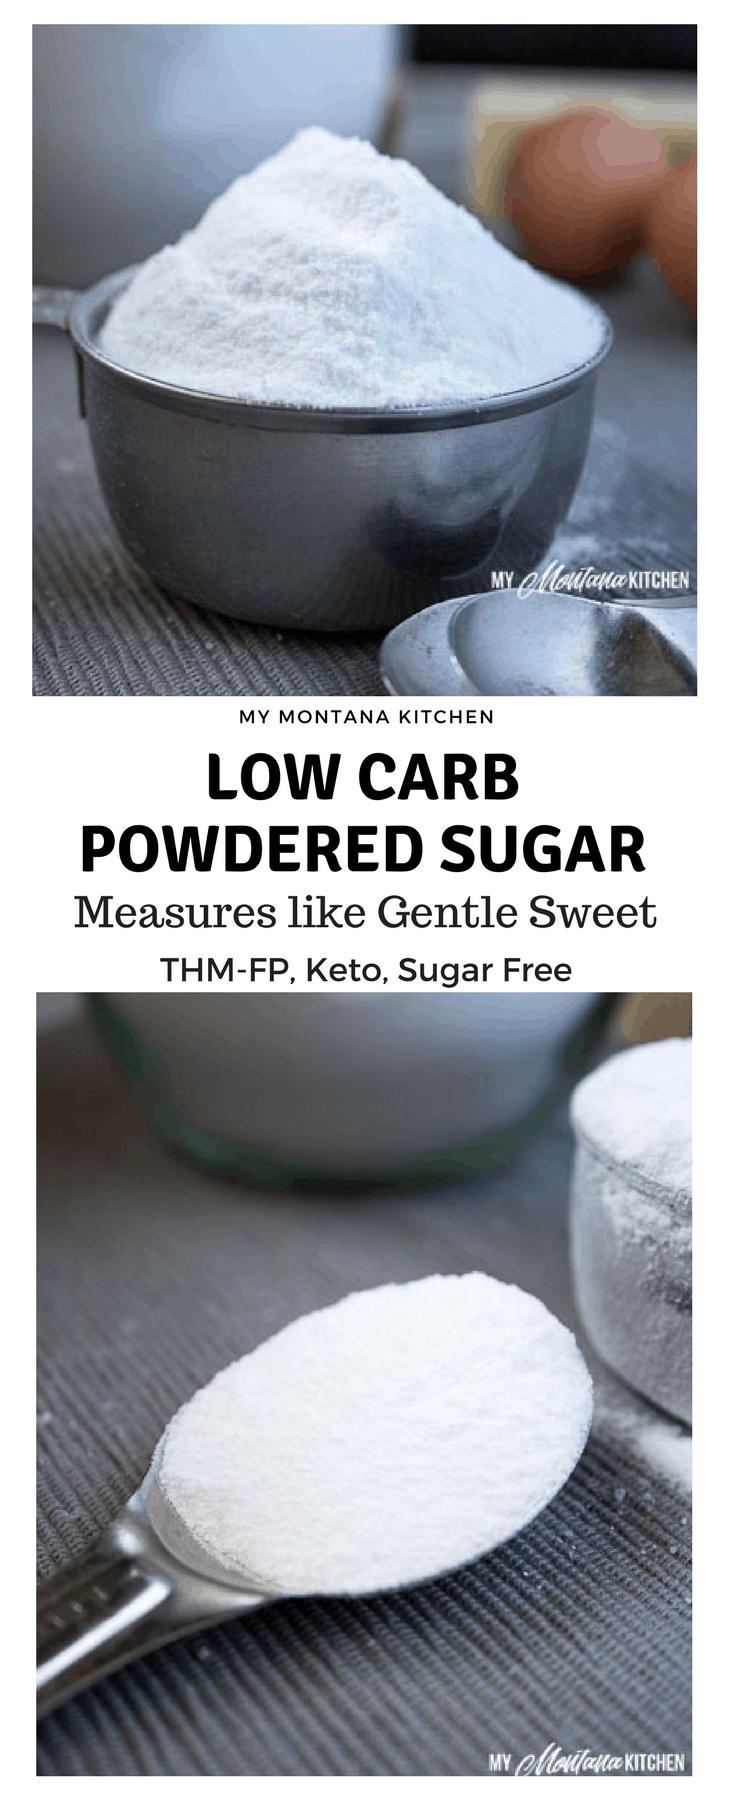 Low Carb Powdered Sugar (Sugar Free, THM, Keto)